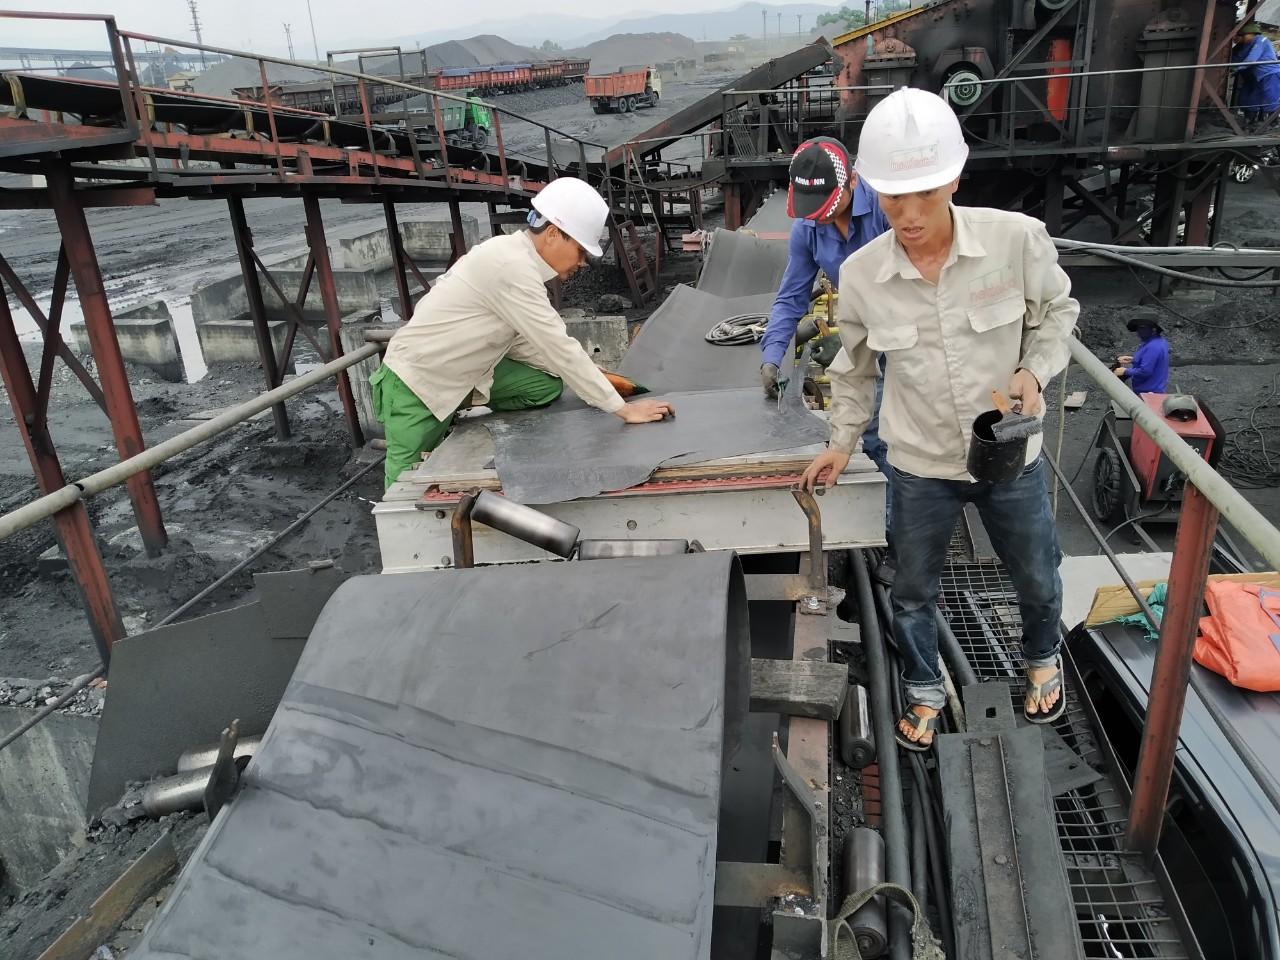 Lắp đặt và dán nối Băng tải Nadaco tại Tập đoàn Than và Khoáng sản Việt Nam (Vinacomin)